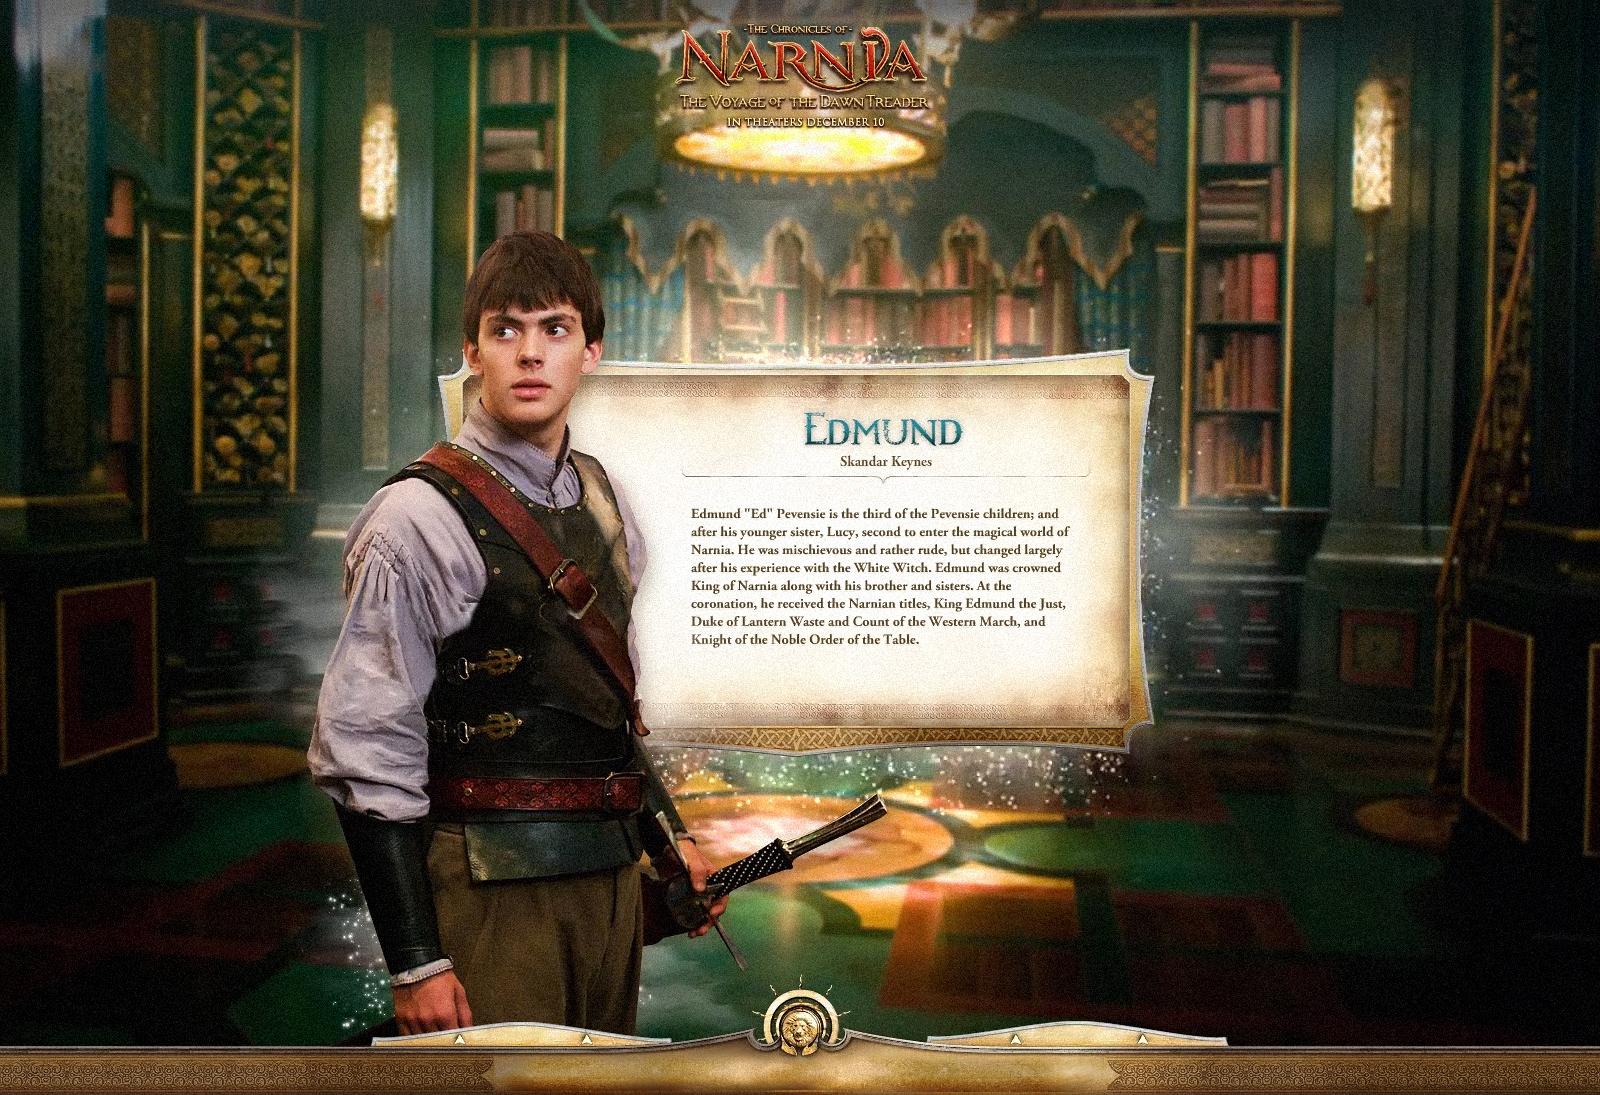 http://4.bp.blogspot.com/_-EeC3tFy8xI/TPsdMhjXfeI/AAAAAAAAALU/YRtCyWadwI8/s1600/The-Chronicles-of-Narnia-The-Voyage-of-The-Dawn-Treader-Wallpapers-1.jpg